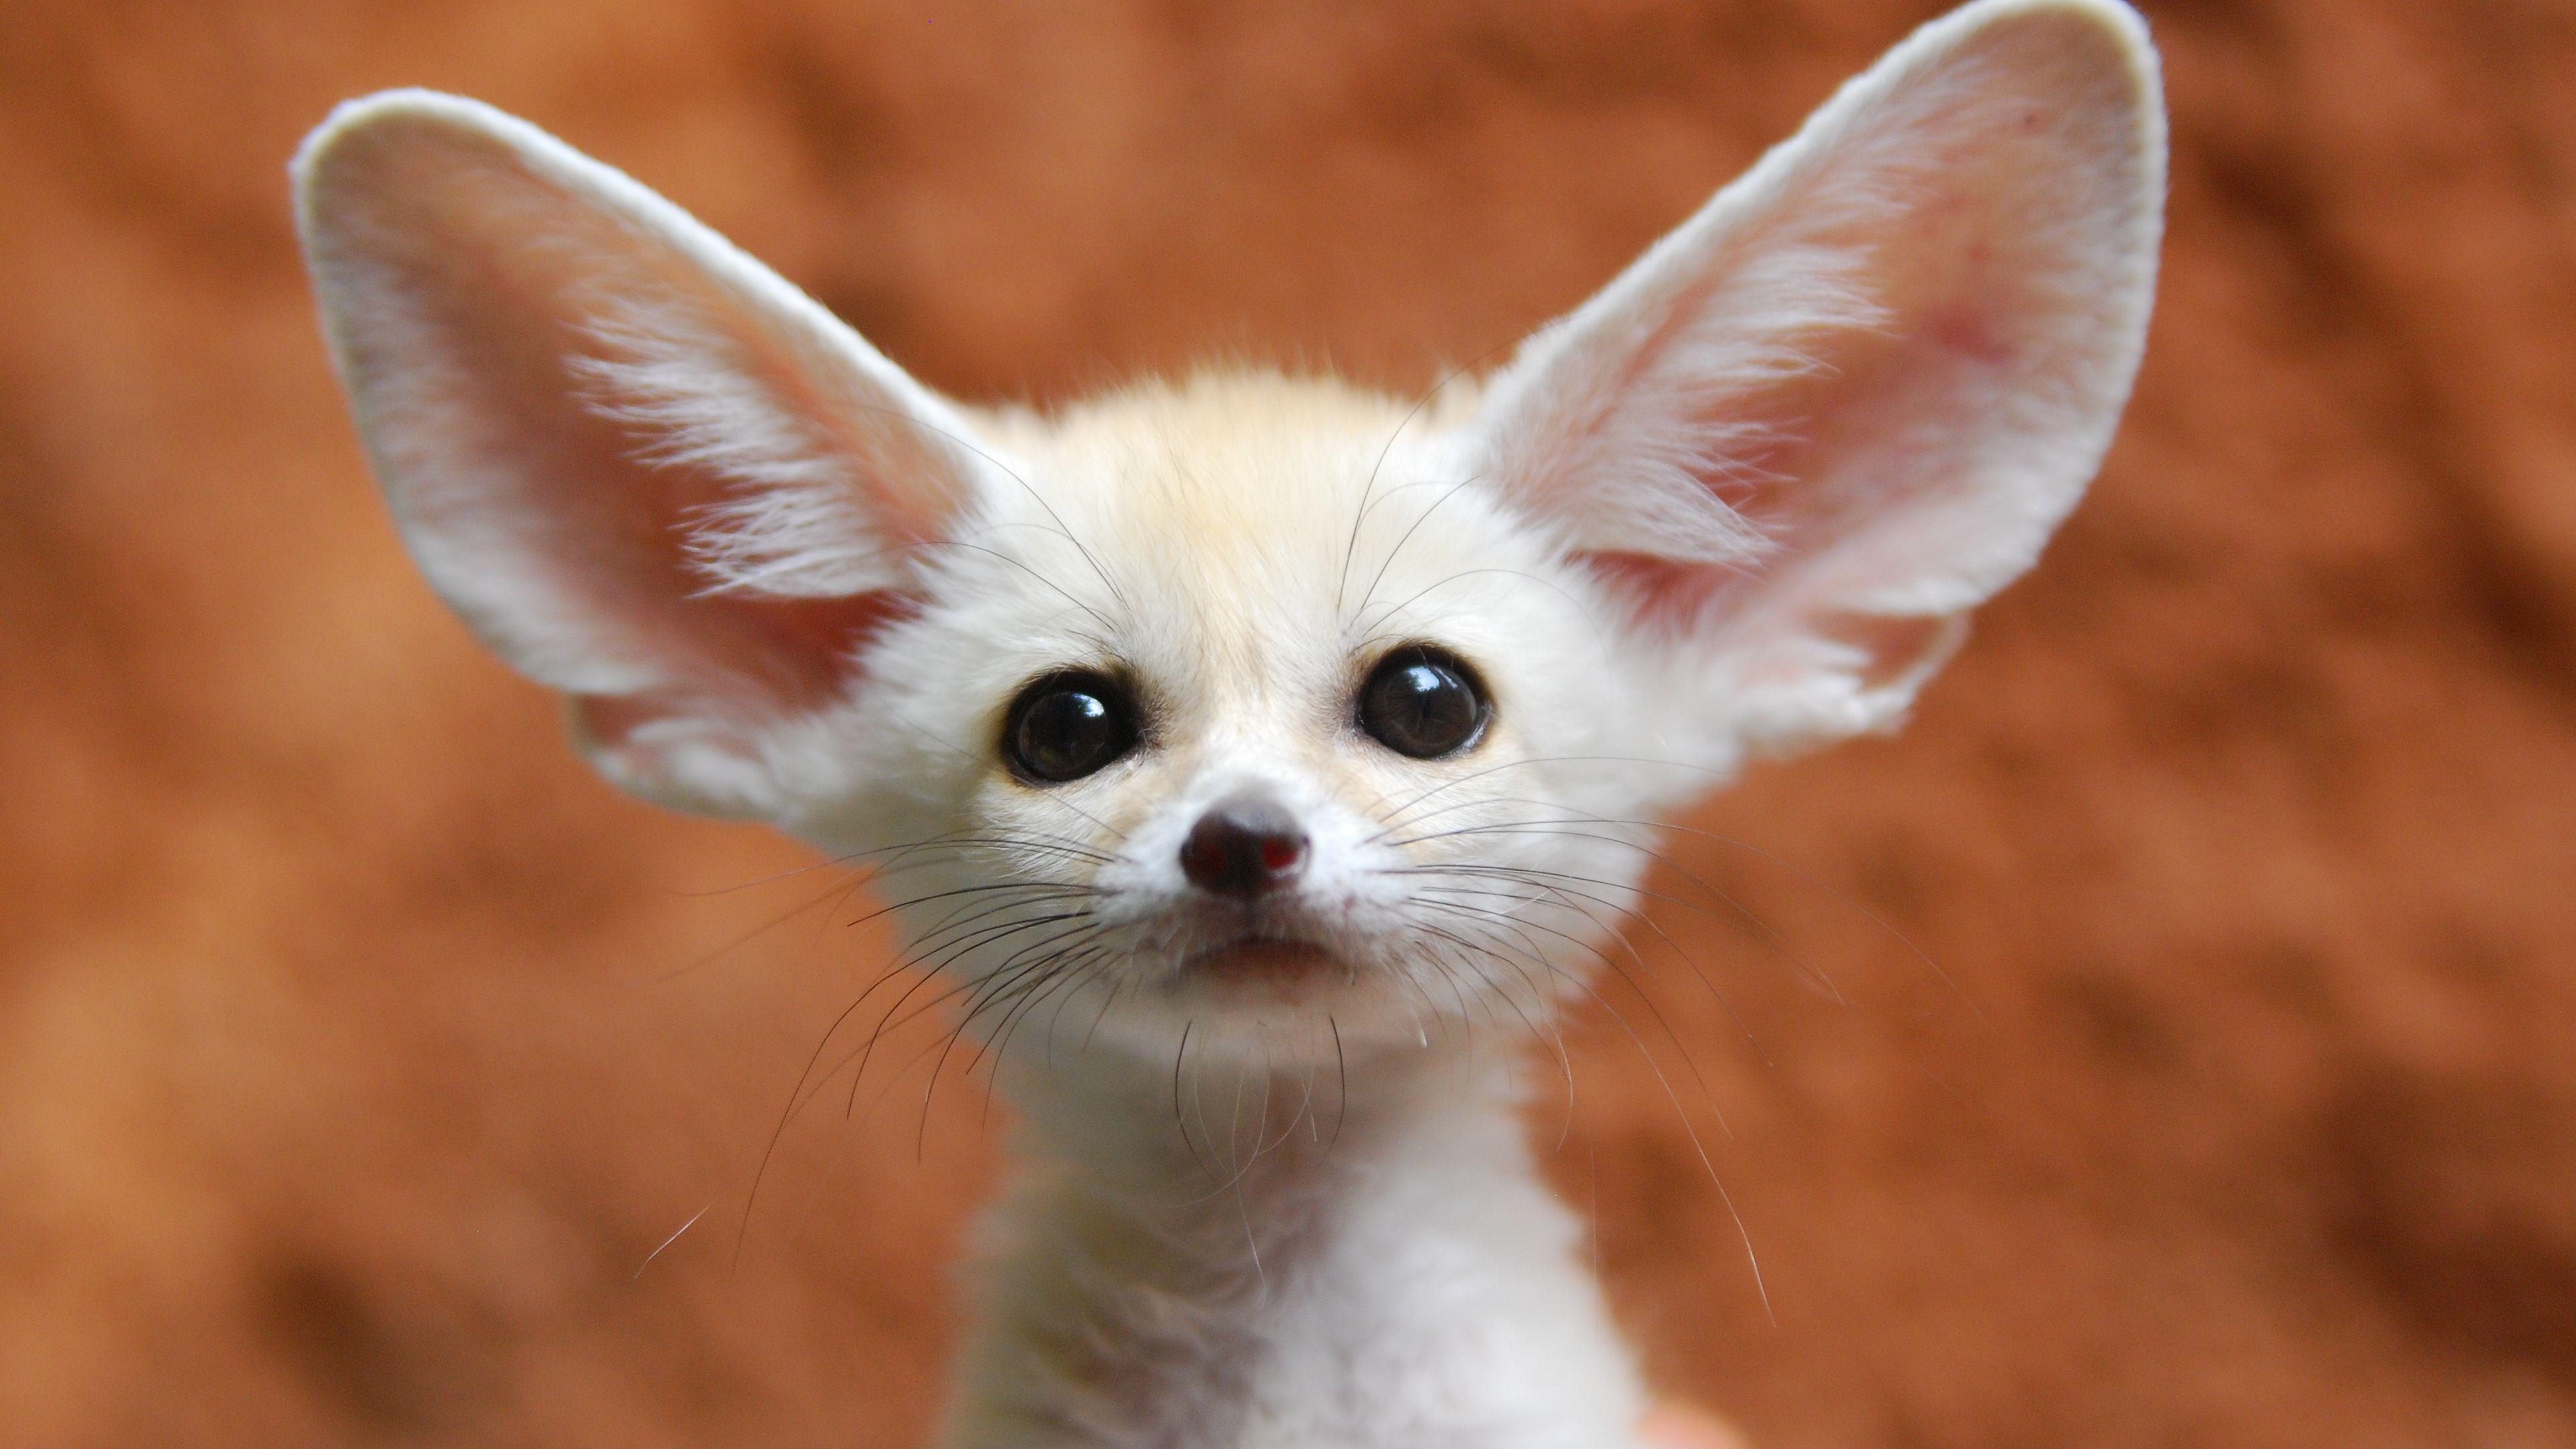 fennec-fox-85120553-57ffe0d85f9b5805c2b03554.jpg